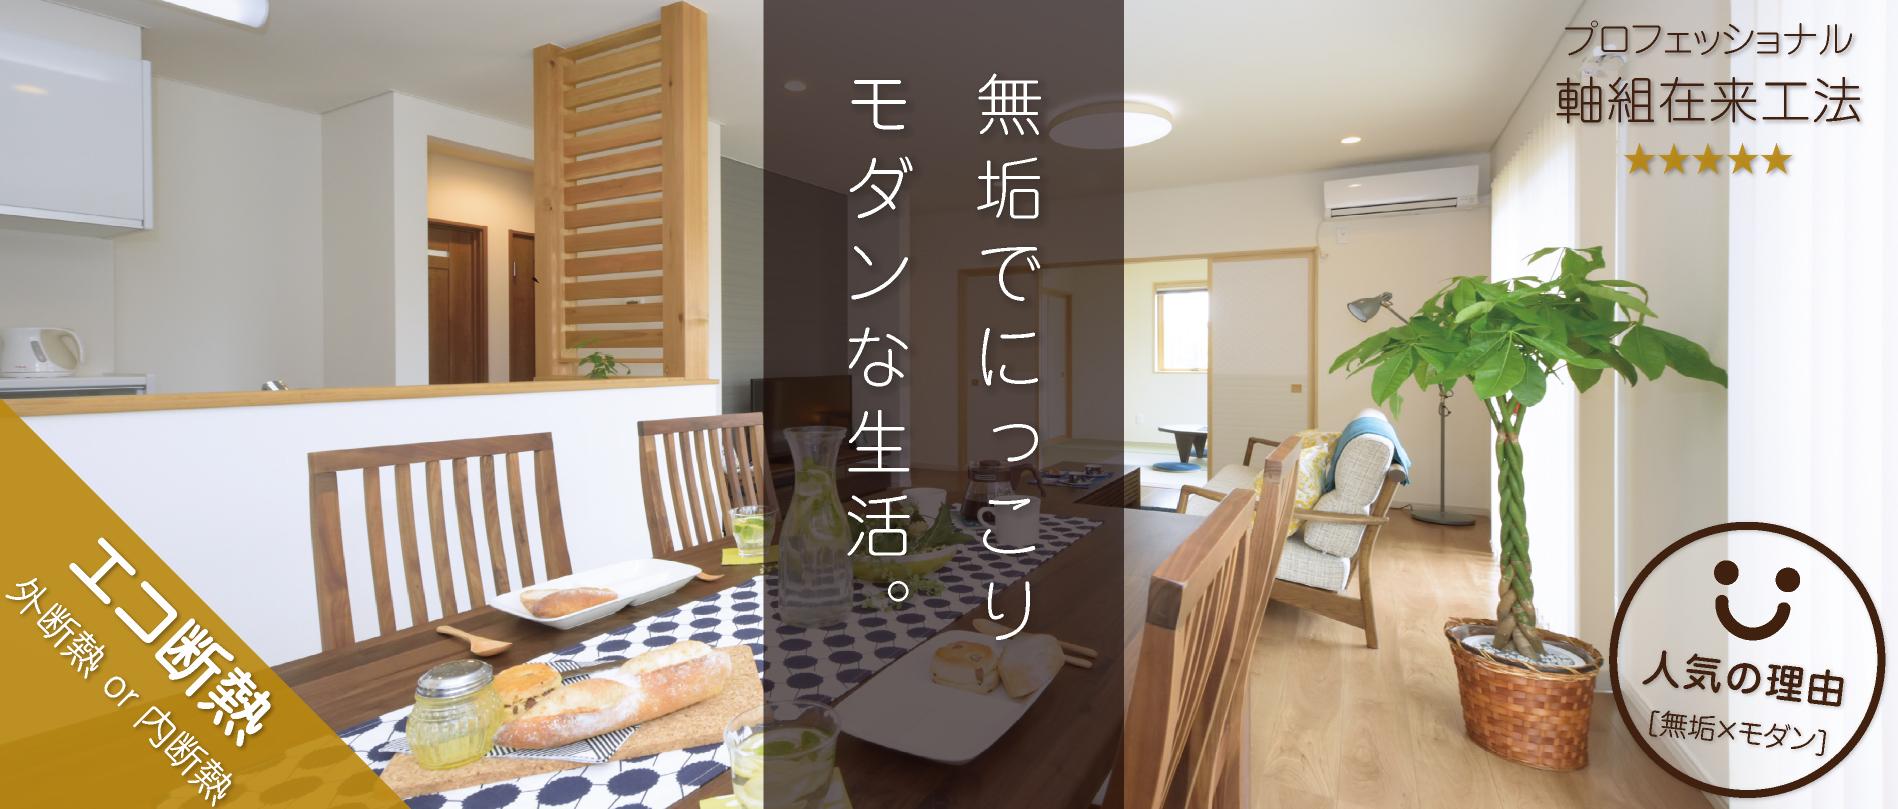 Mukuトップイメージ1